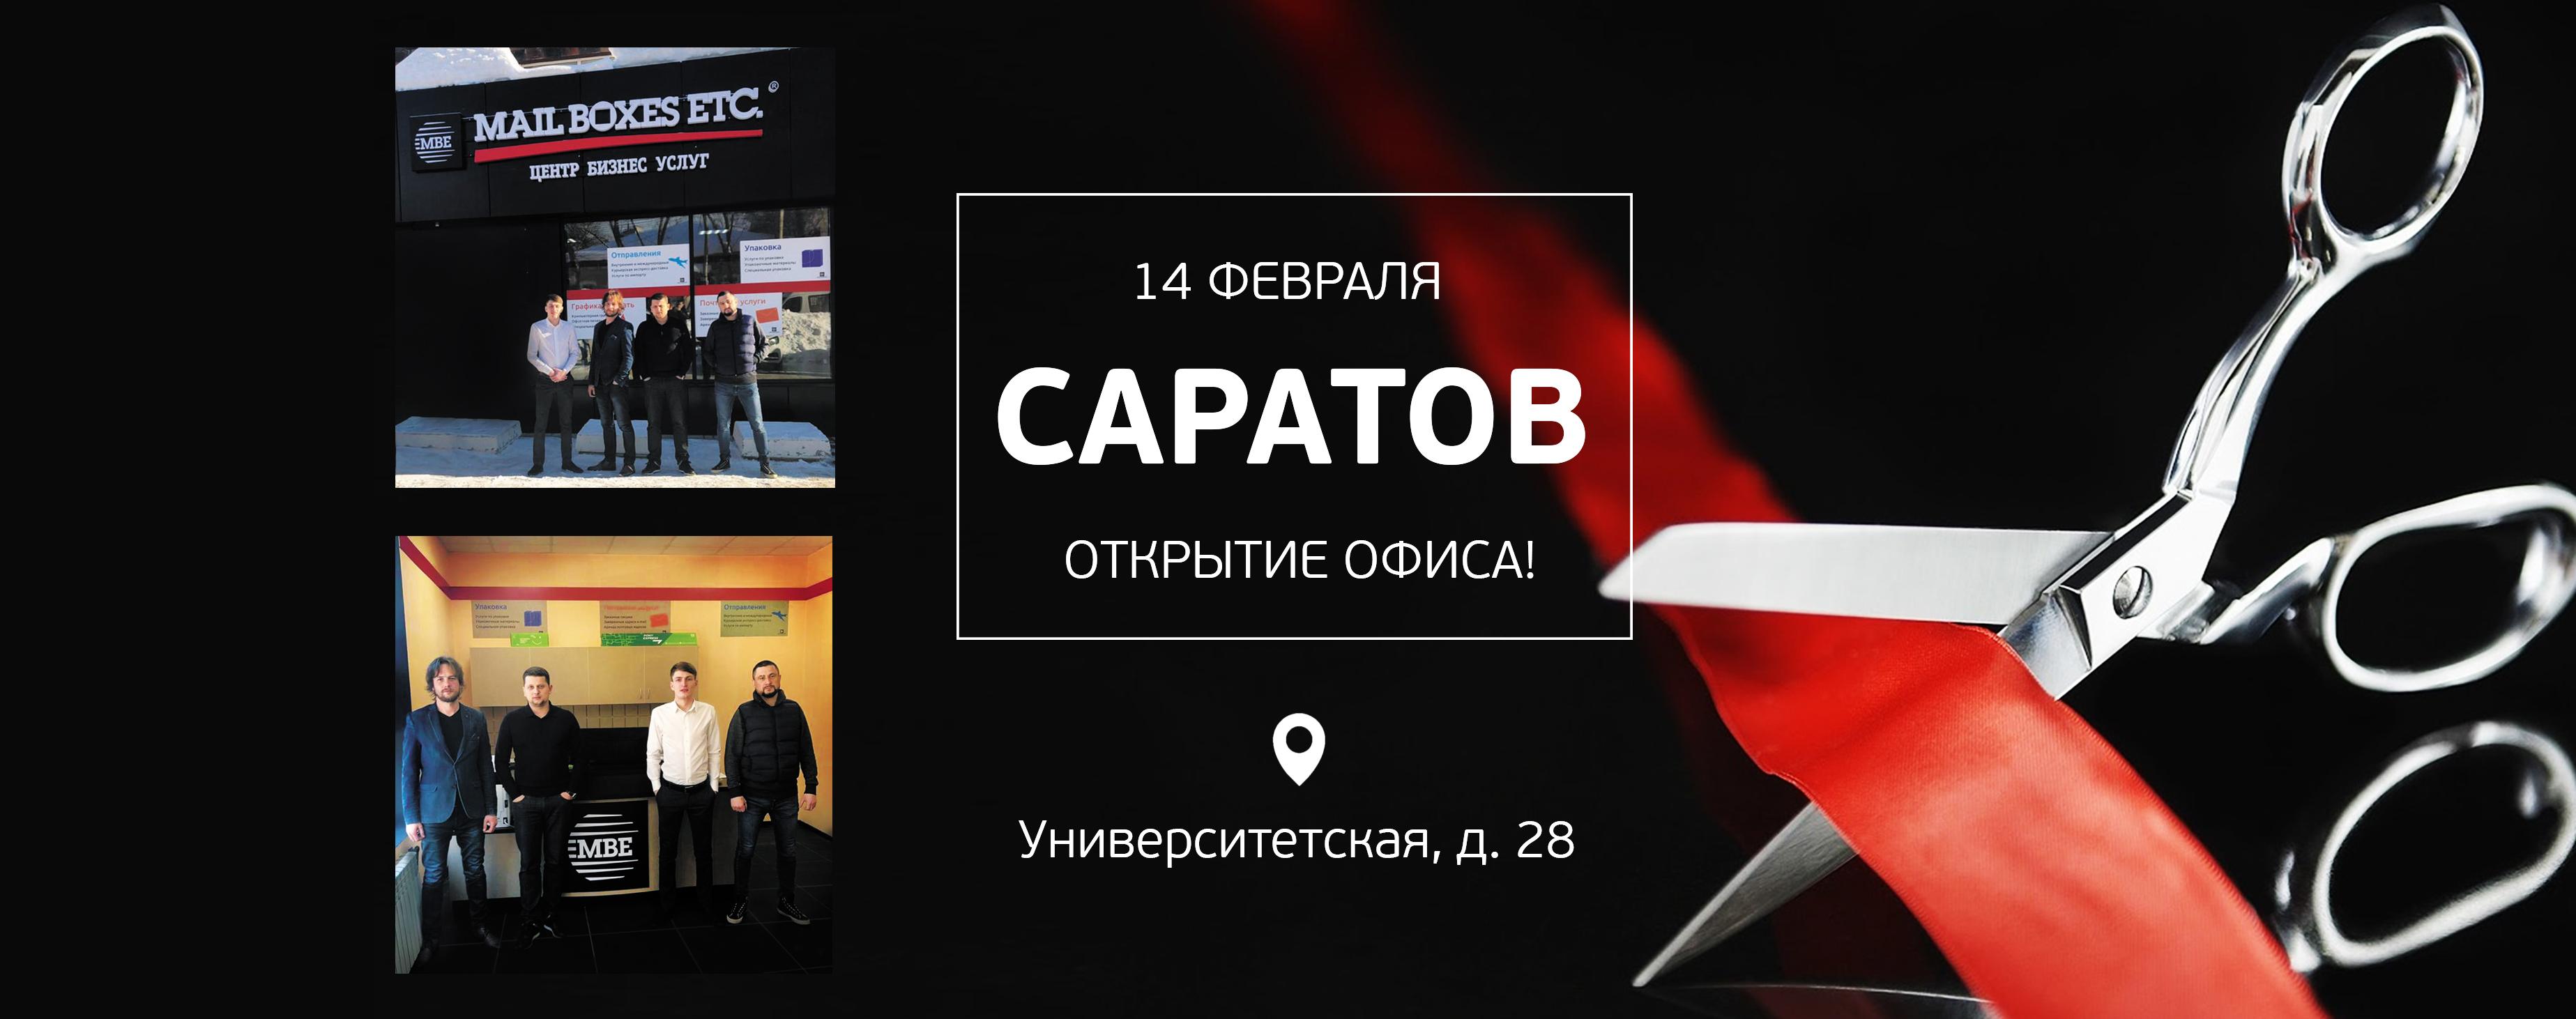 НА САЙТ4 - Новости и акции